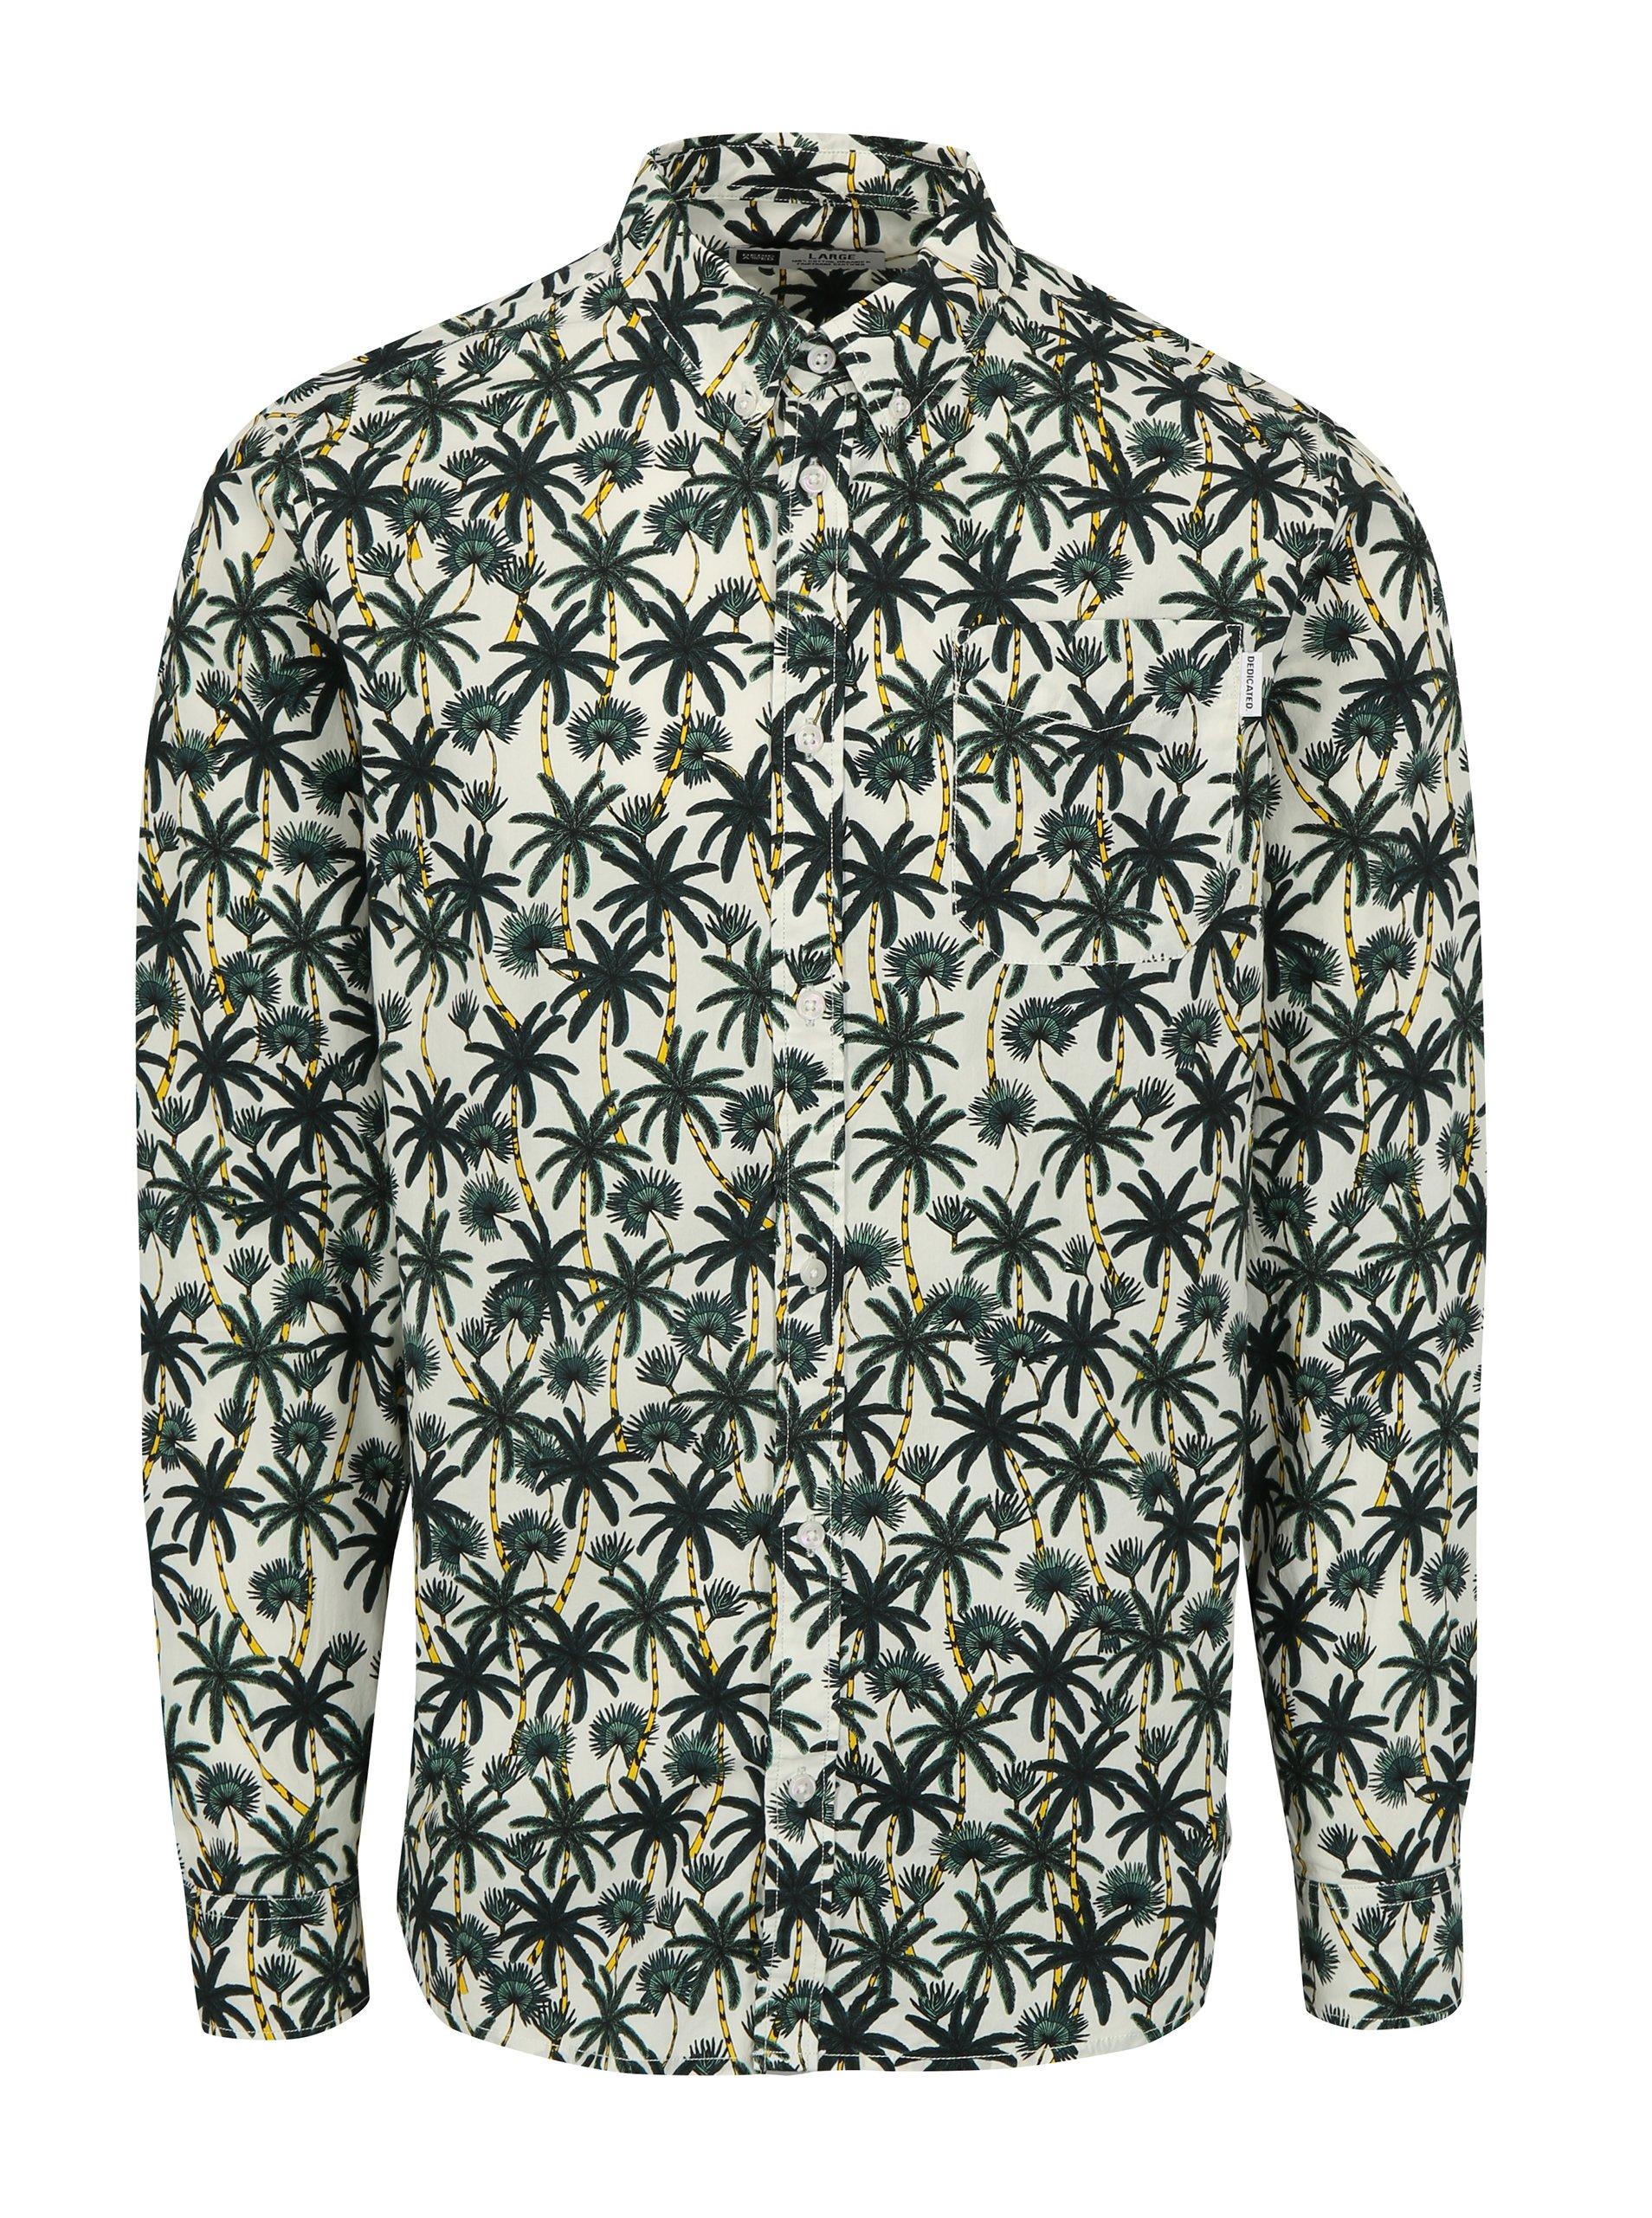 Zeleno-krémová košeľa s palmami Dedicated Beach Palms